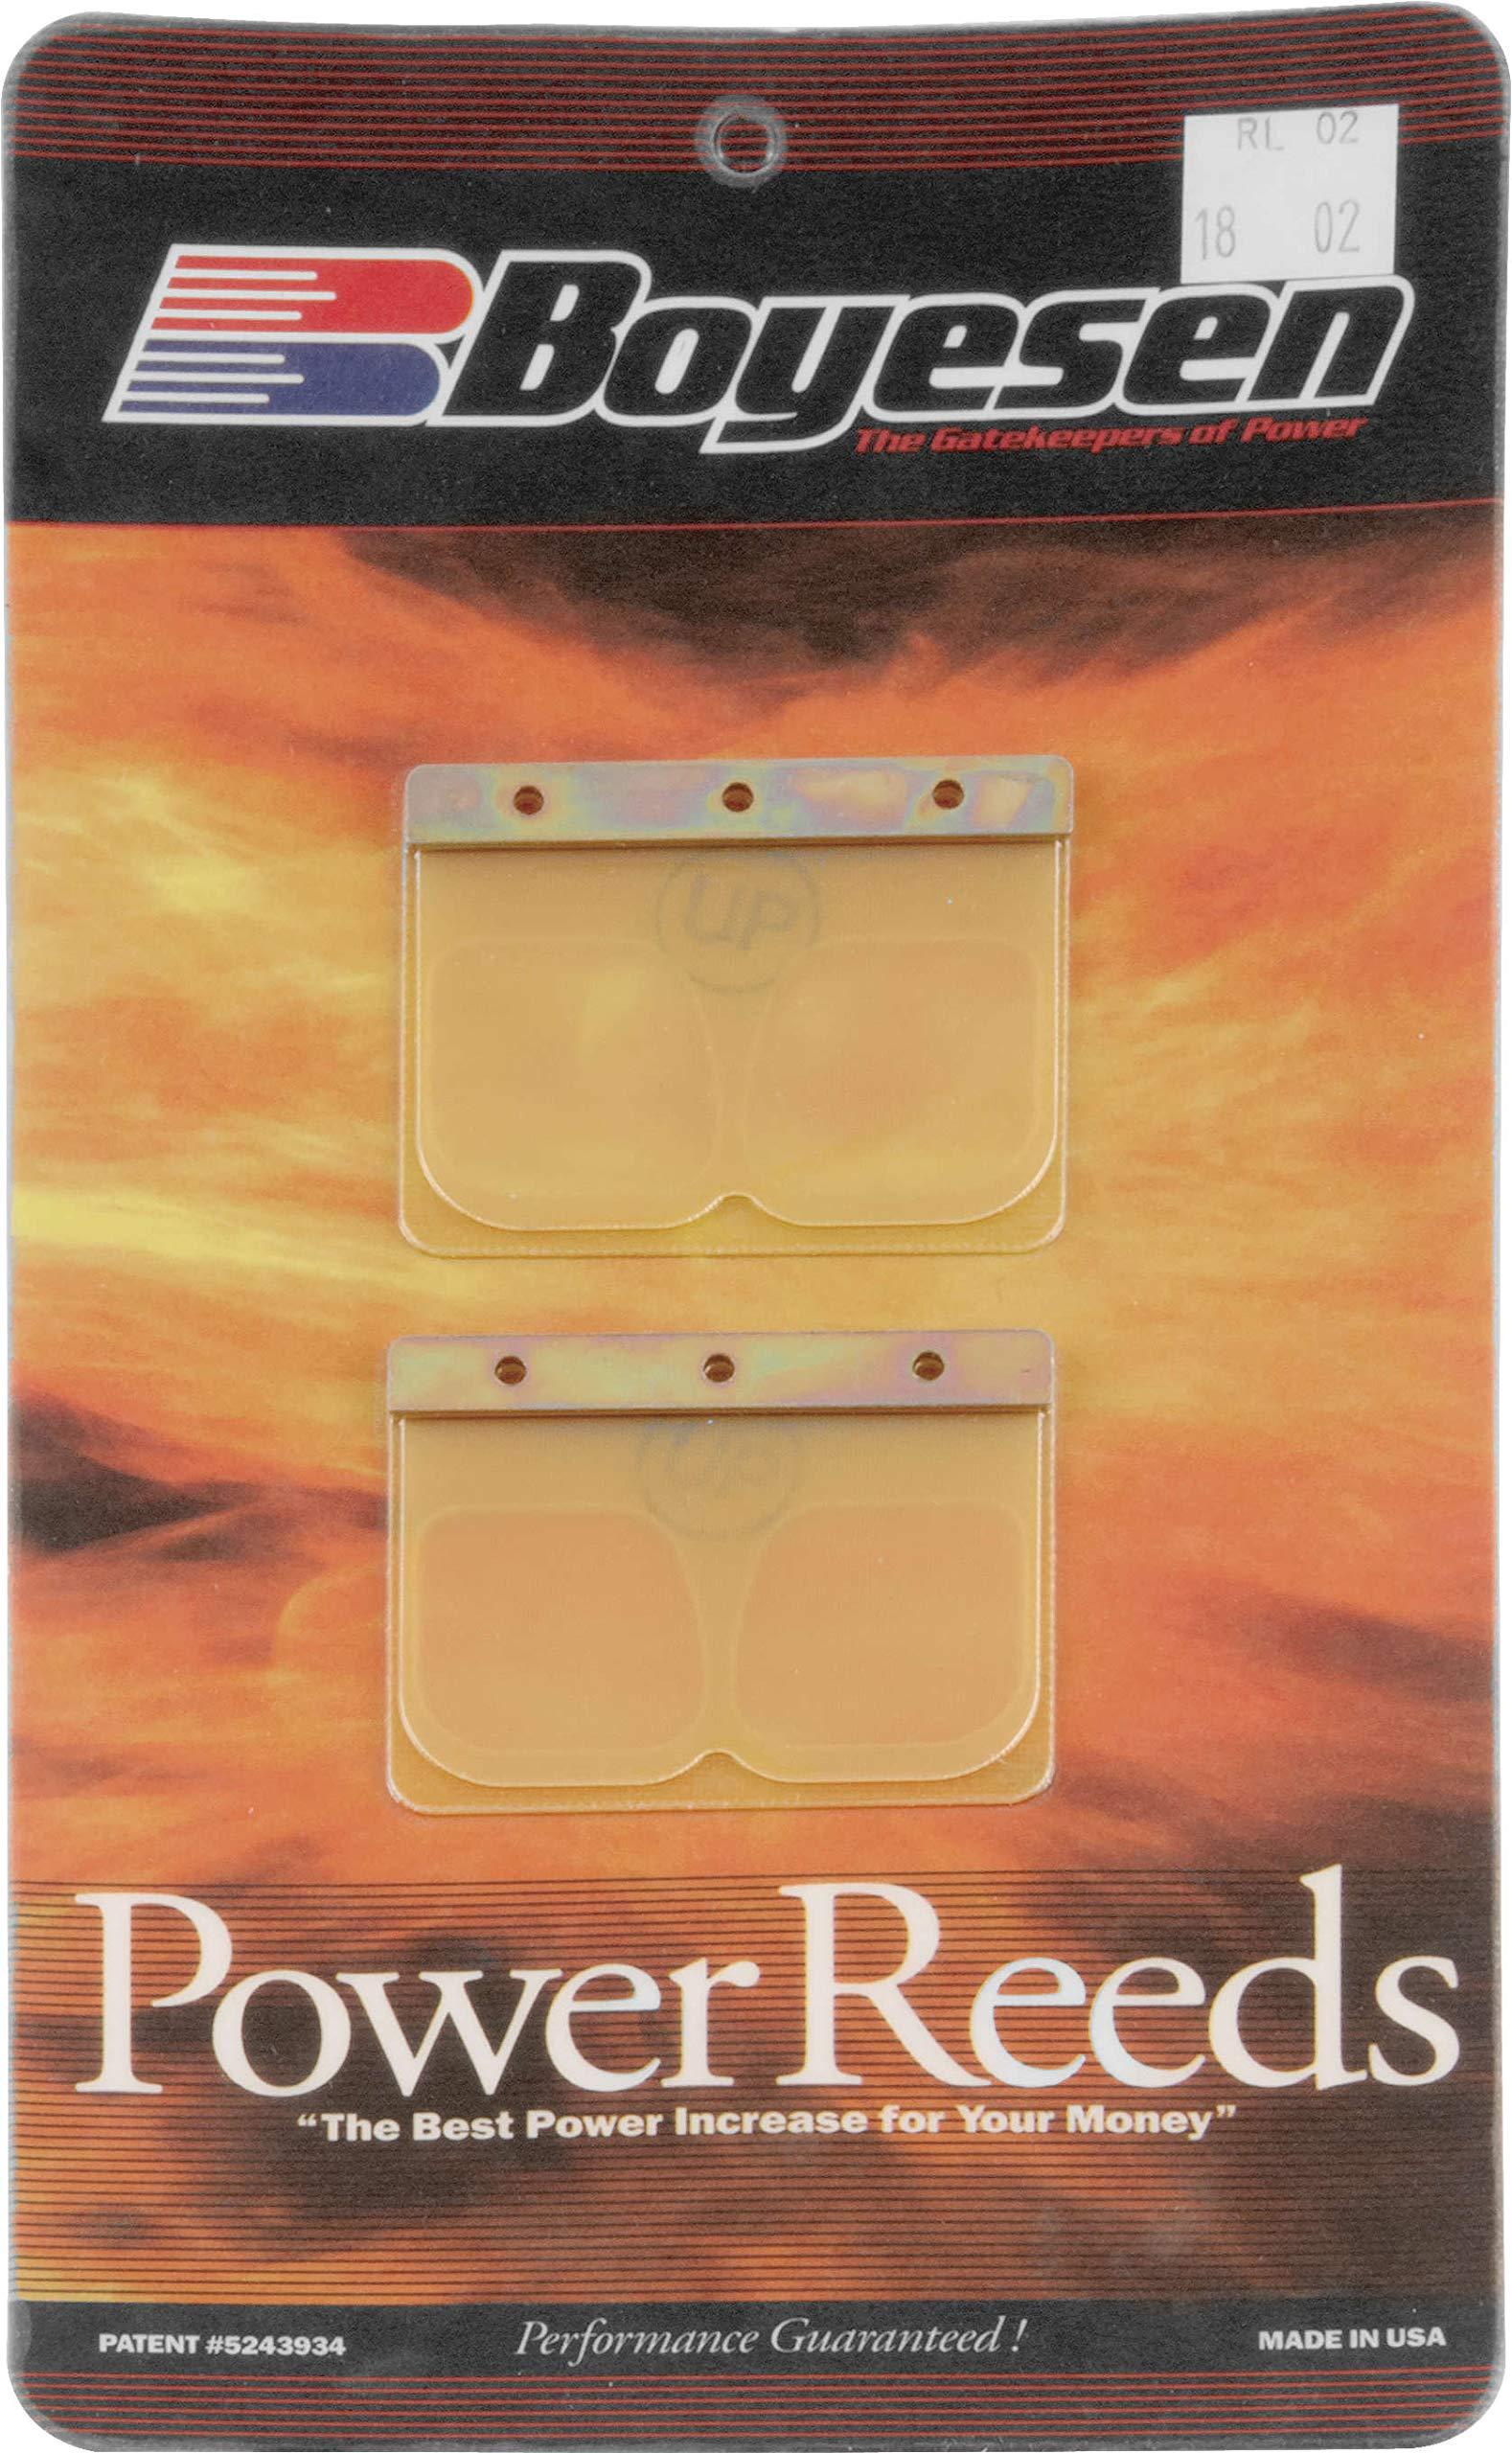 Boyesen Reeds Rad Reed Rl 02 Boyesen Rl-02 New by Boyesen